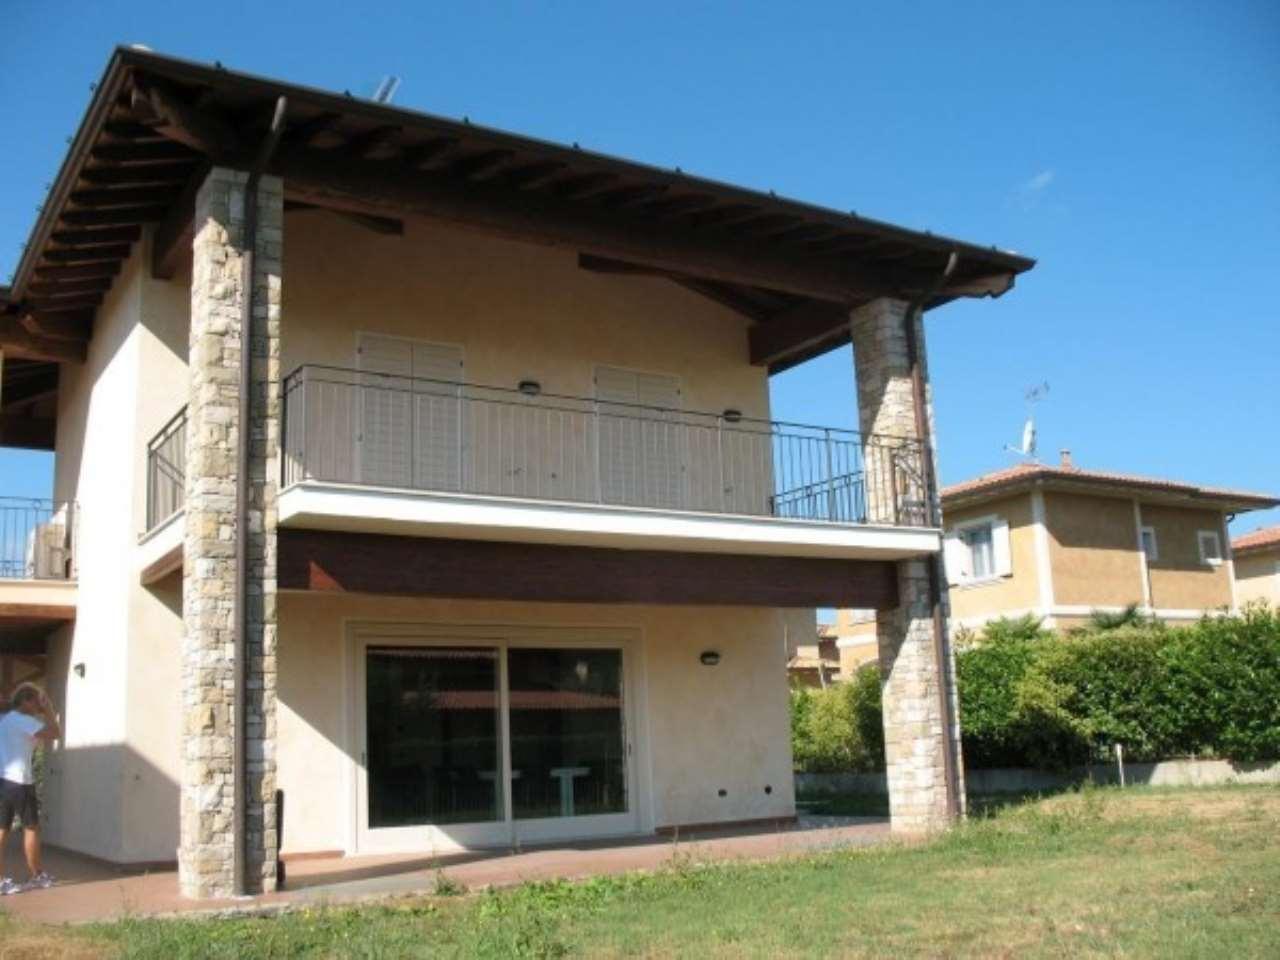 Villa in vendita a Manerba del Garda, 6 locali, Trattative riservate | Cambio Casa.it